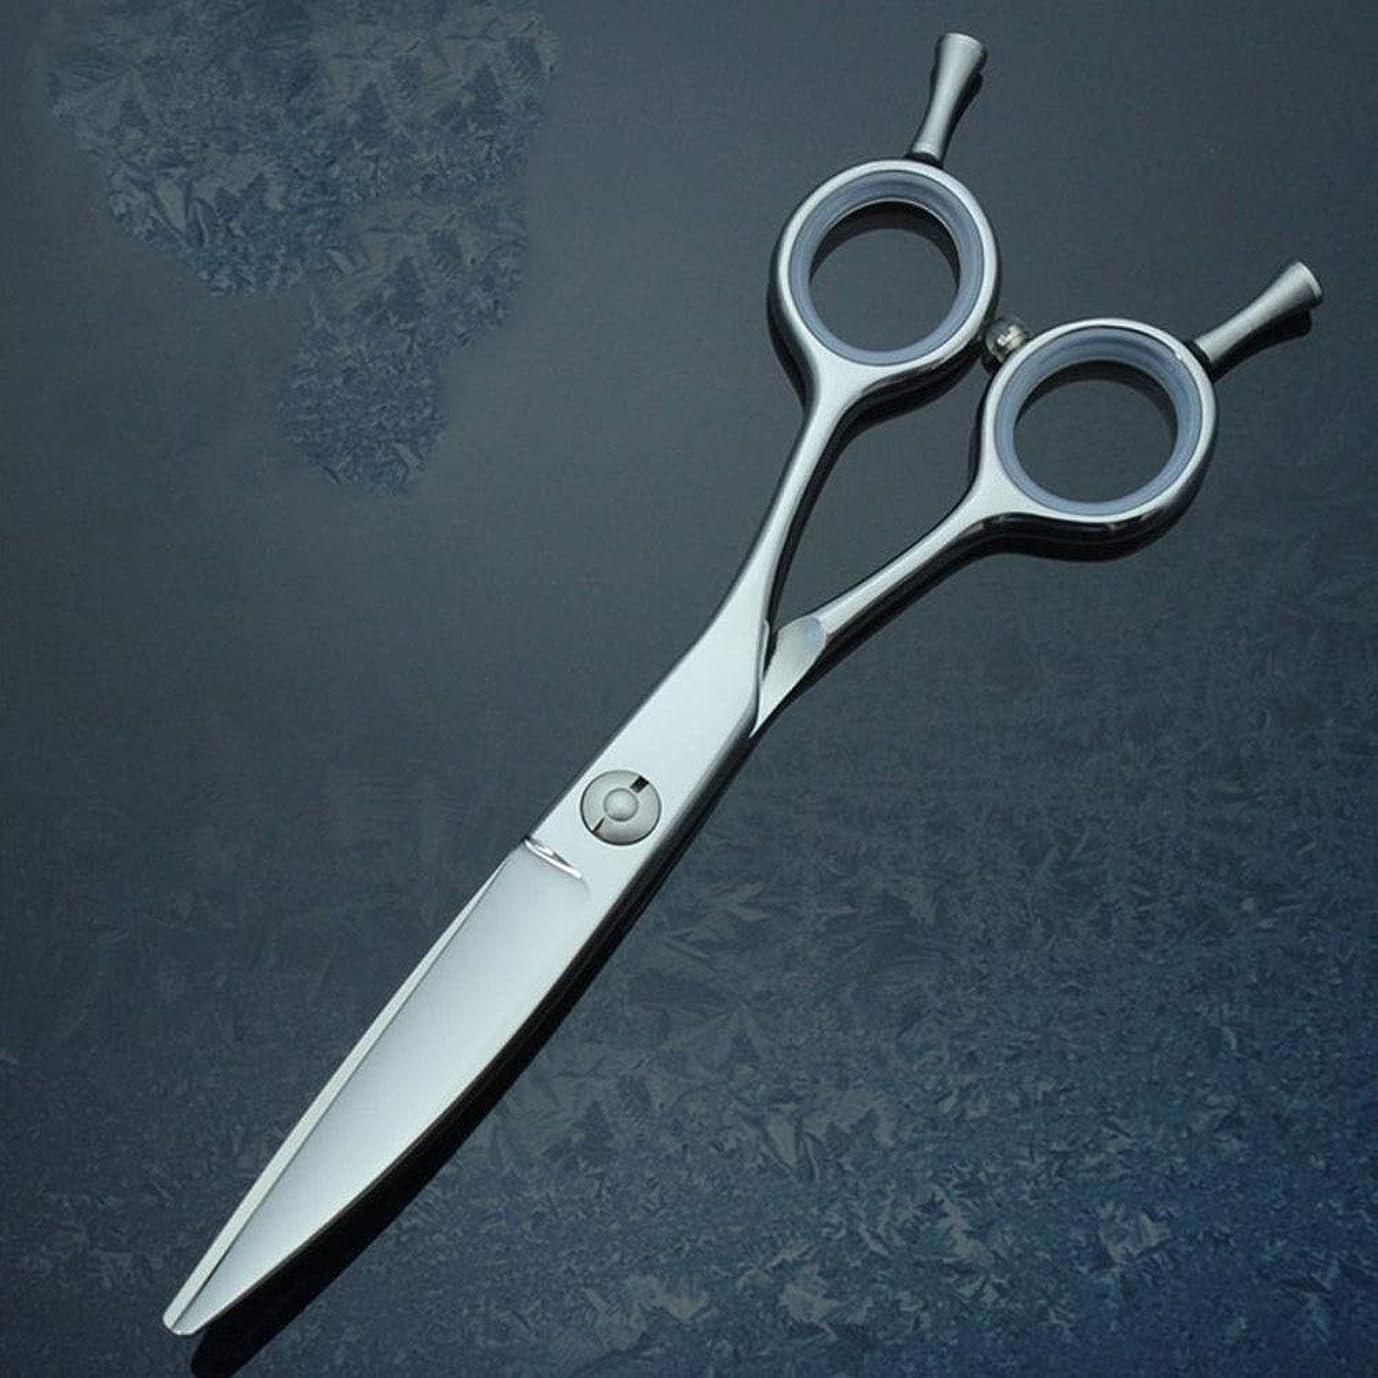 しがみつくクラック生じるMengY 6.0インチの専門の理髪はさみの柳のゆがみの曲がるせん断440C大広間または家の使用 (色 : Silver)